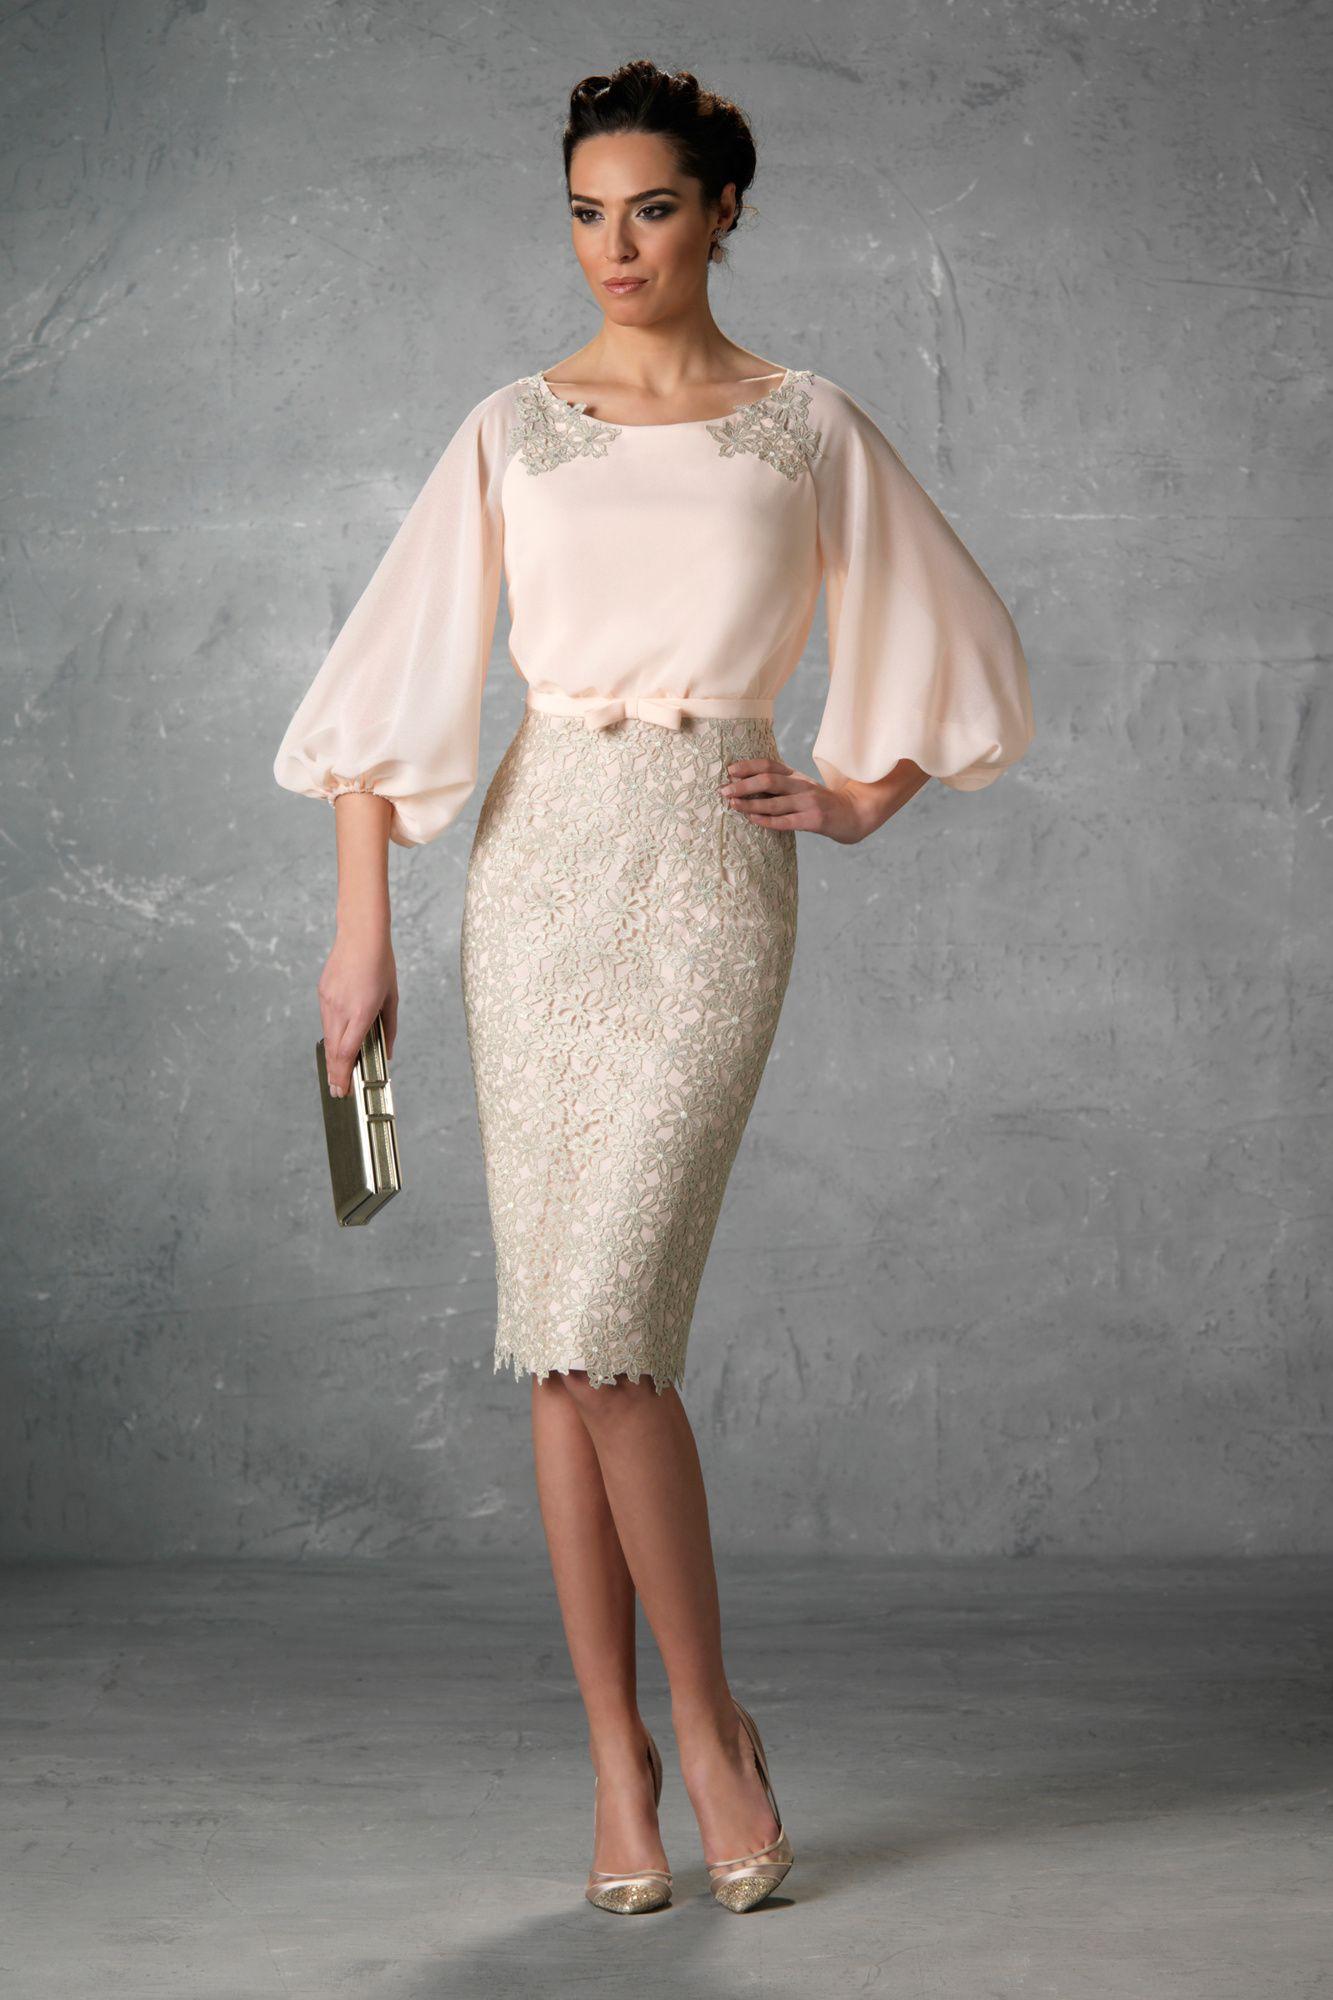 a1326abdb69c Rafaello 2018. Modelo Jaina. Vestido corto para madrina de boda